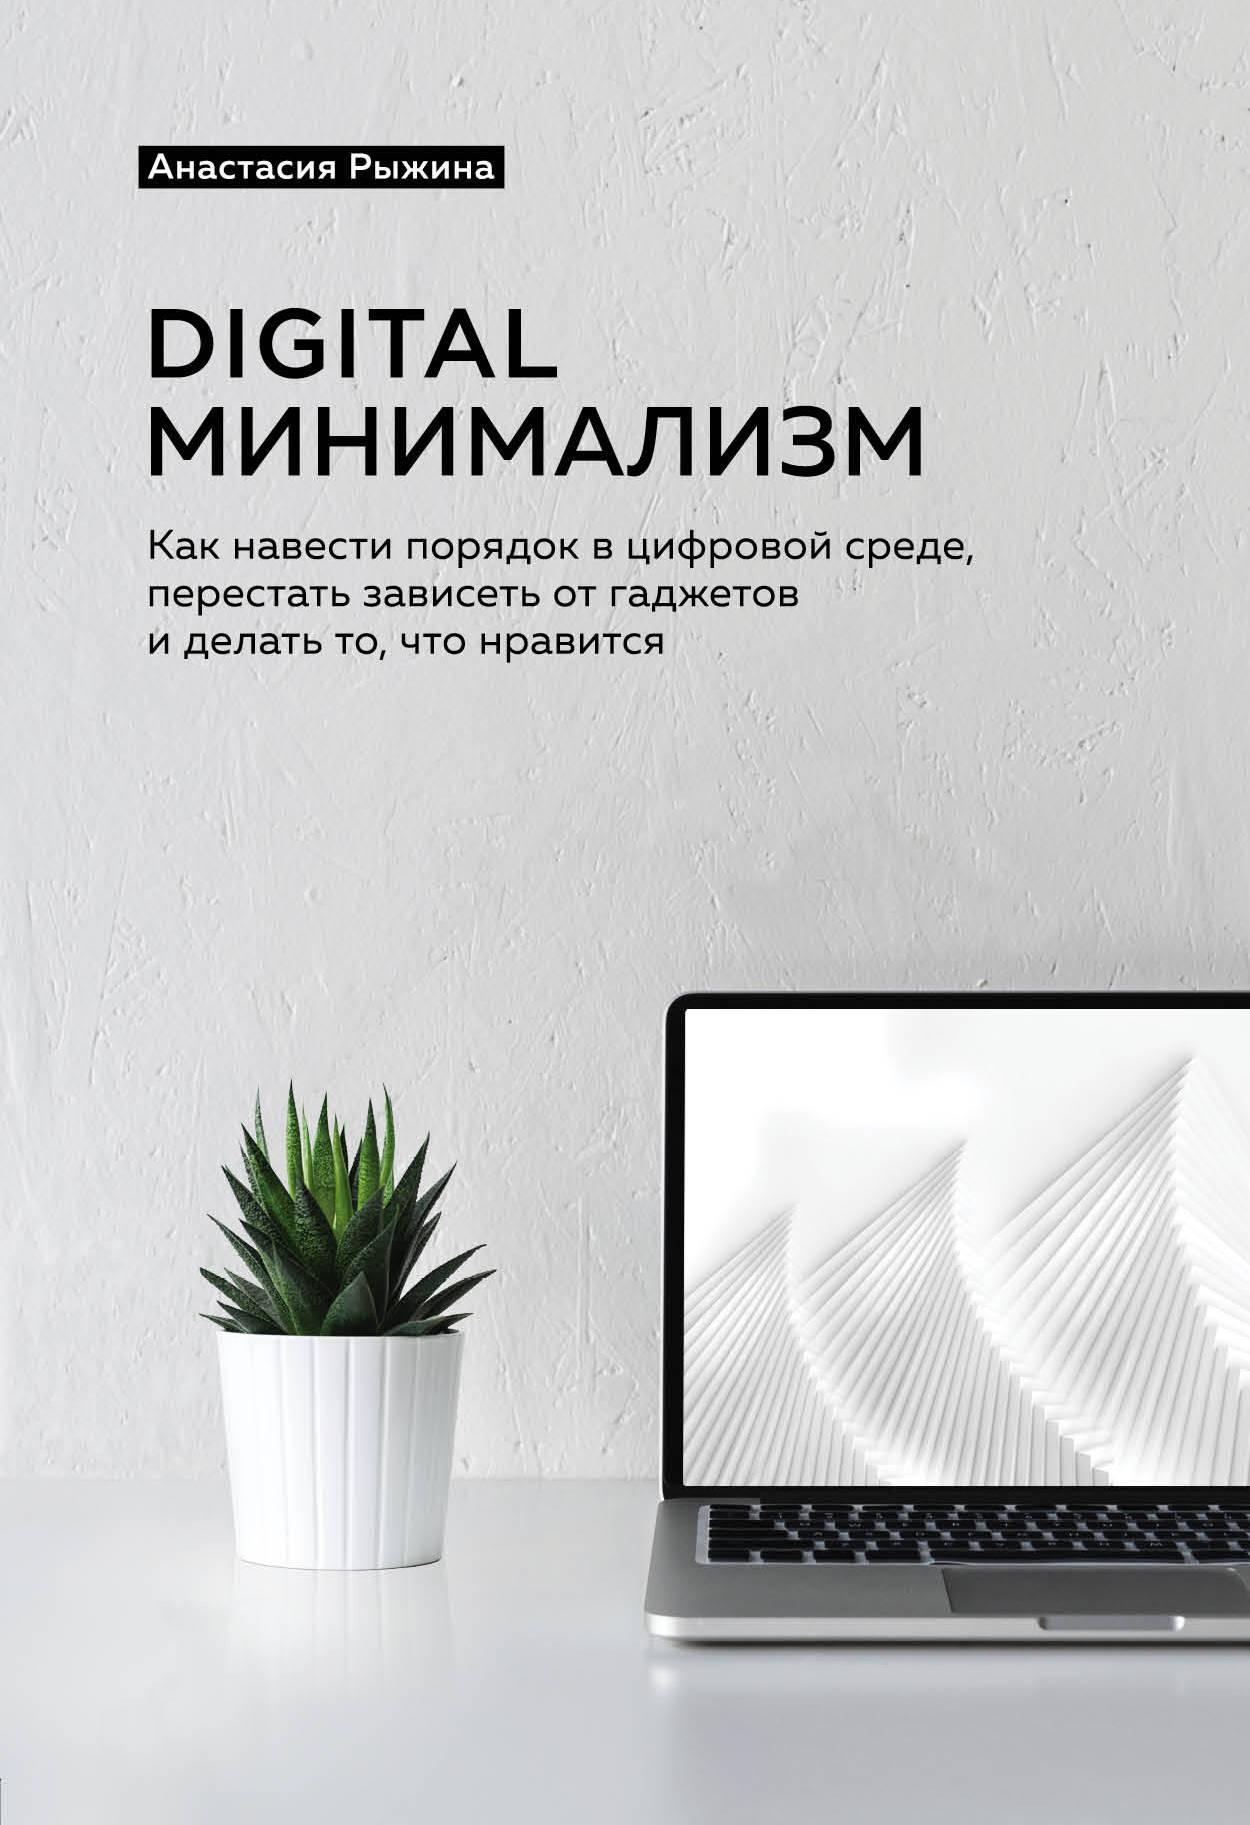 Digital минимализм. Как навести порядок в цифровой среде, перестать зависет